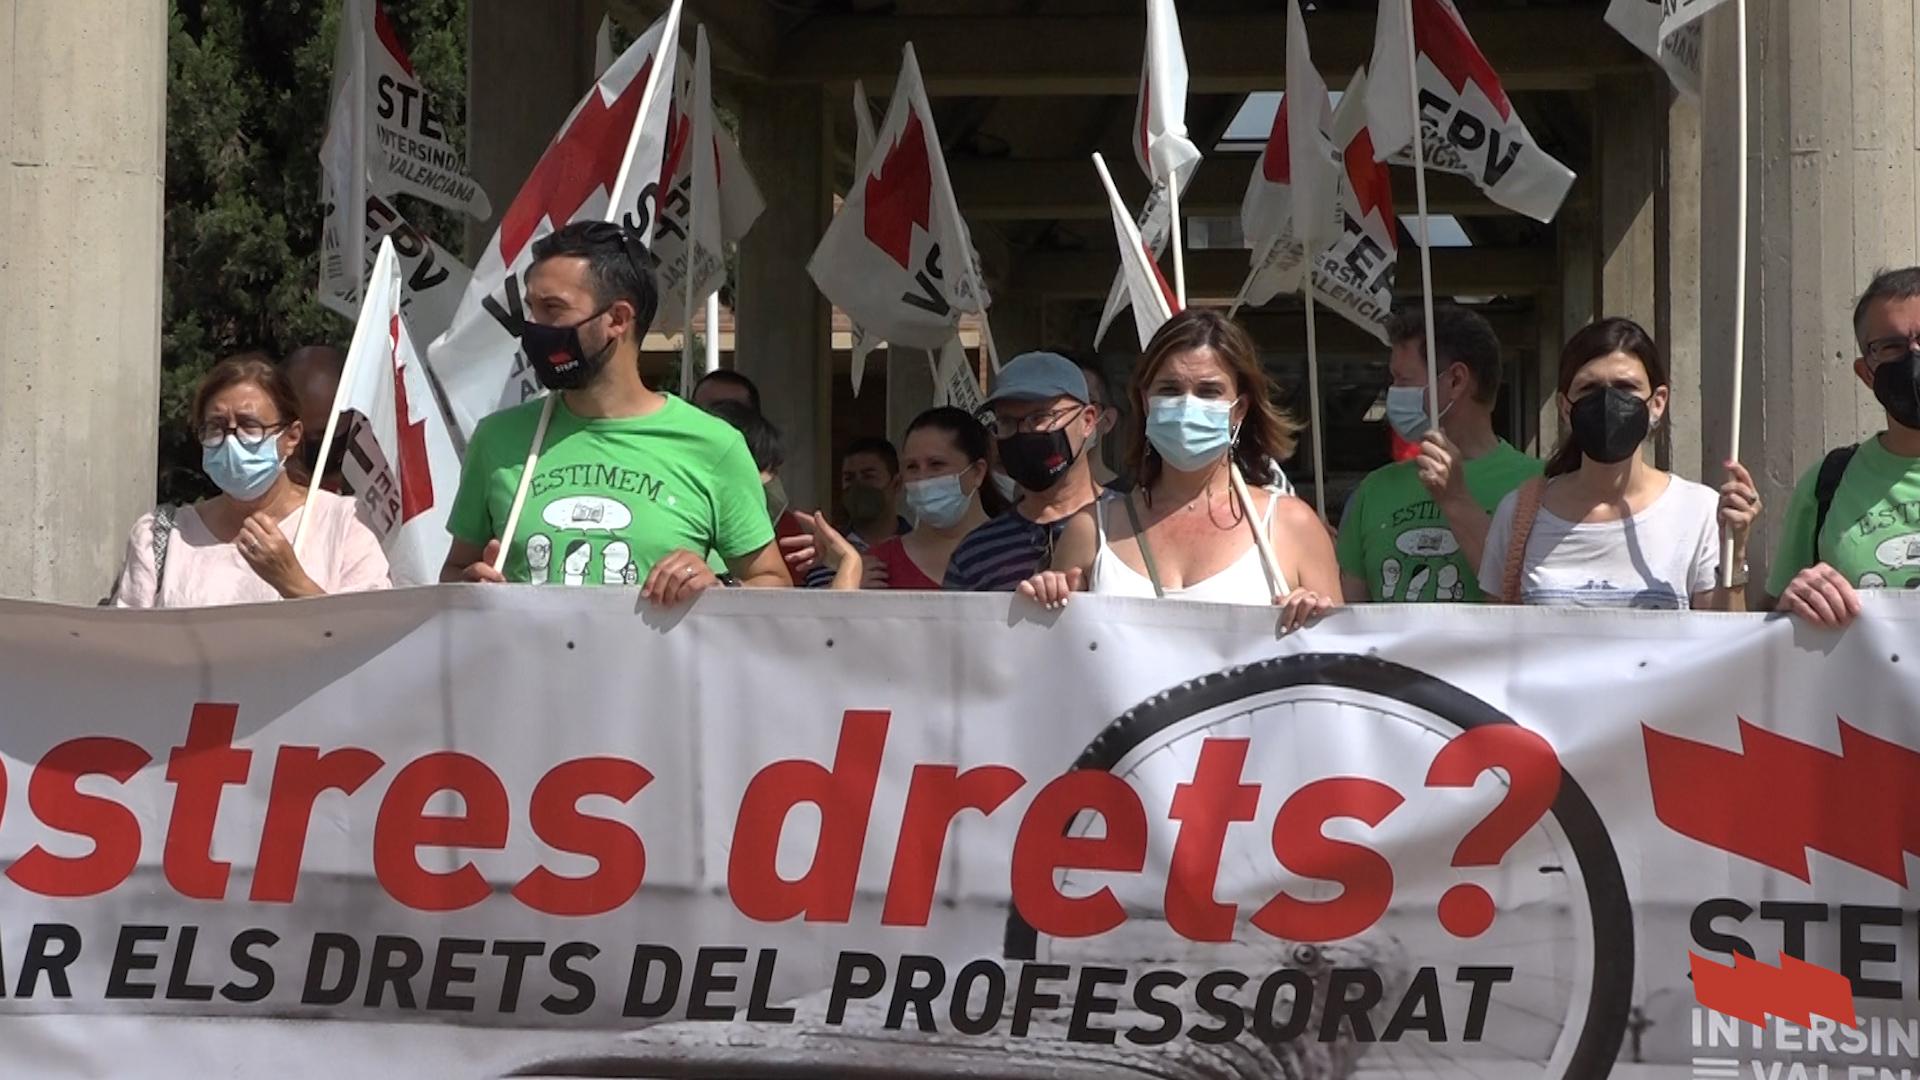 Concentració davant la Conselleria pel manteniment de ràtios i del professorat